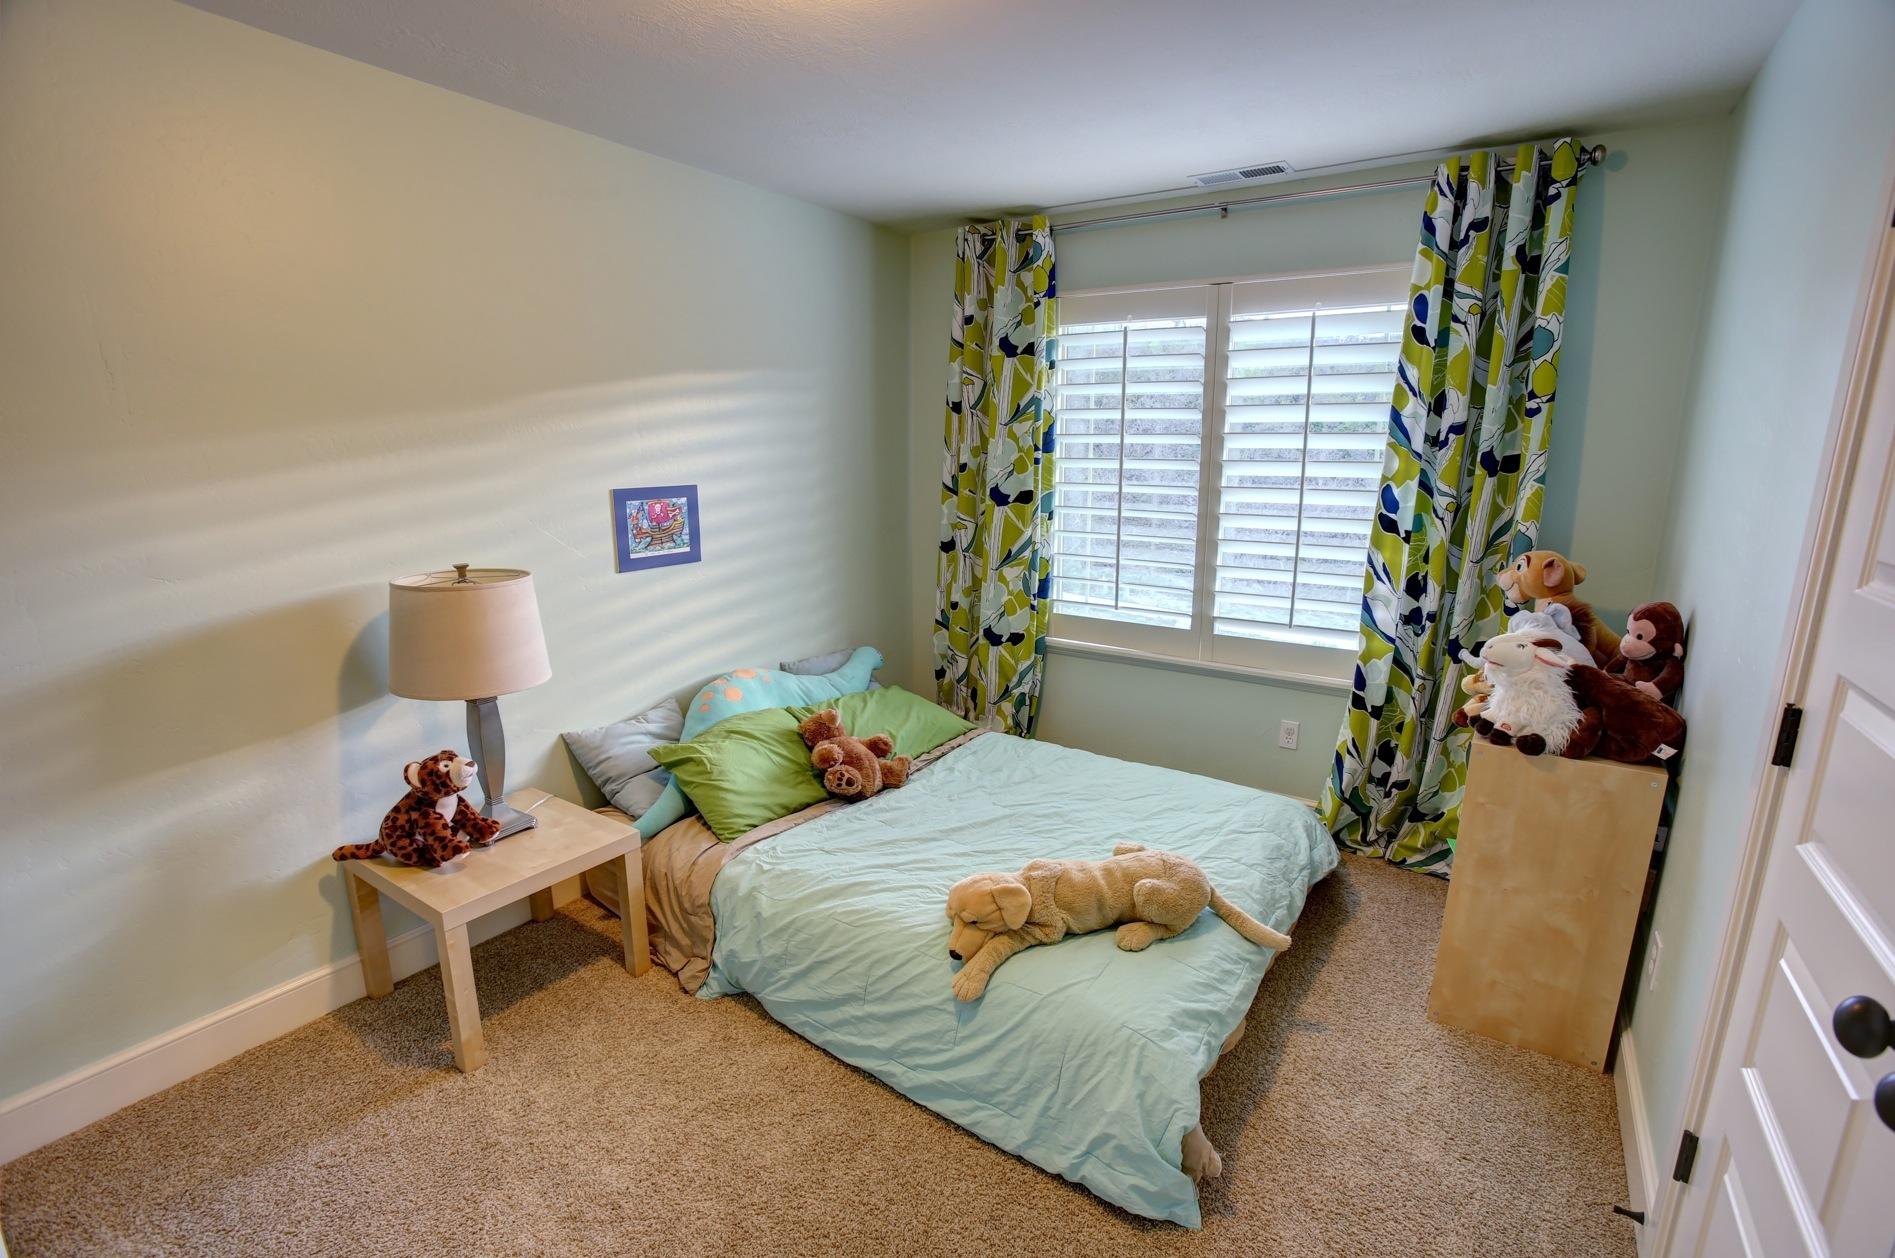 crest_bedroom3.jpg